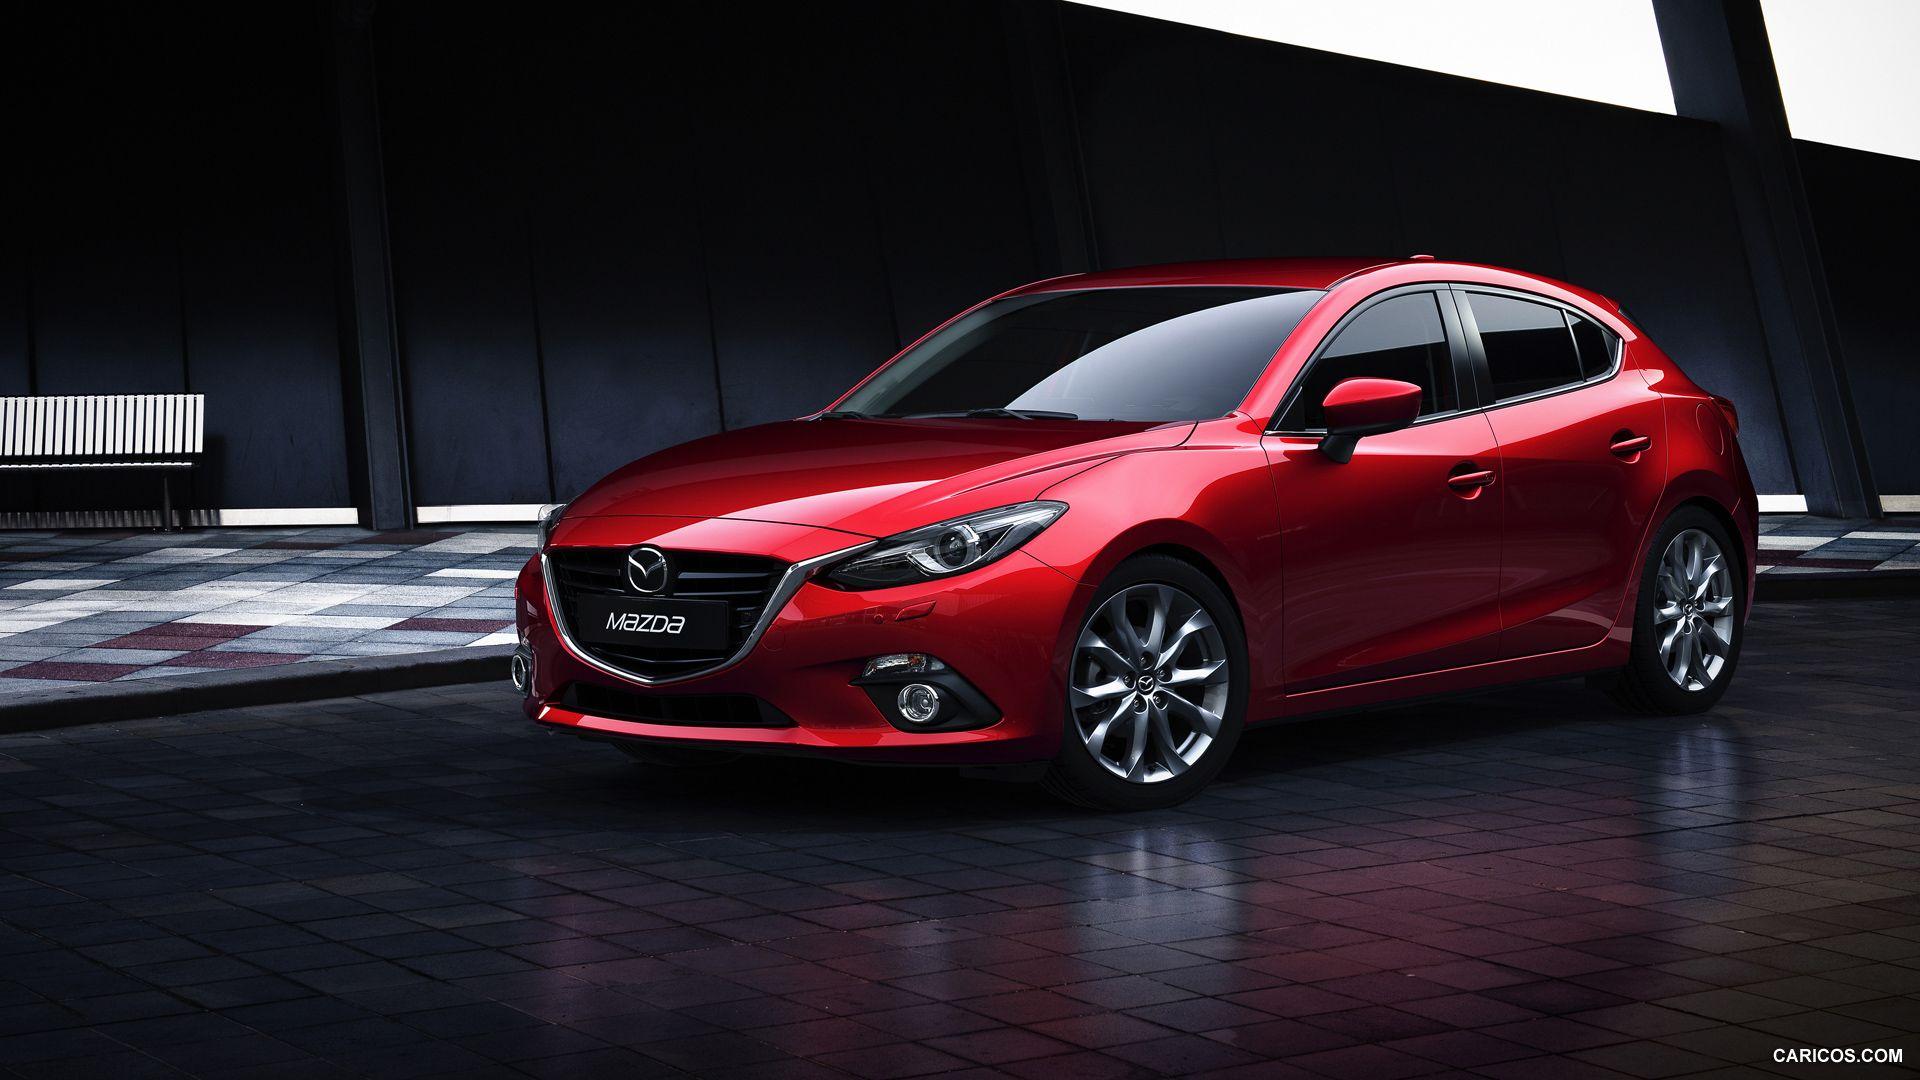 Mazda 3 2014 Red Hatchback // Mazda cars, Hatchback cars